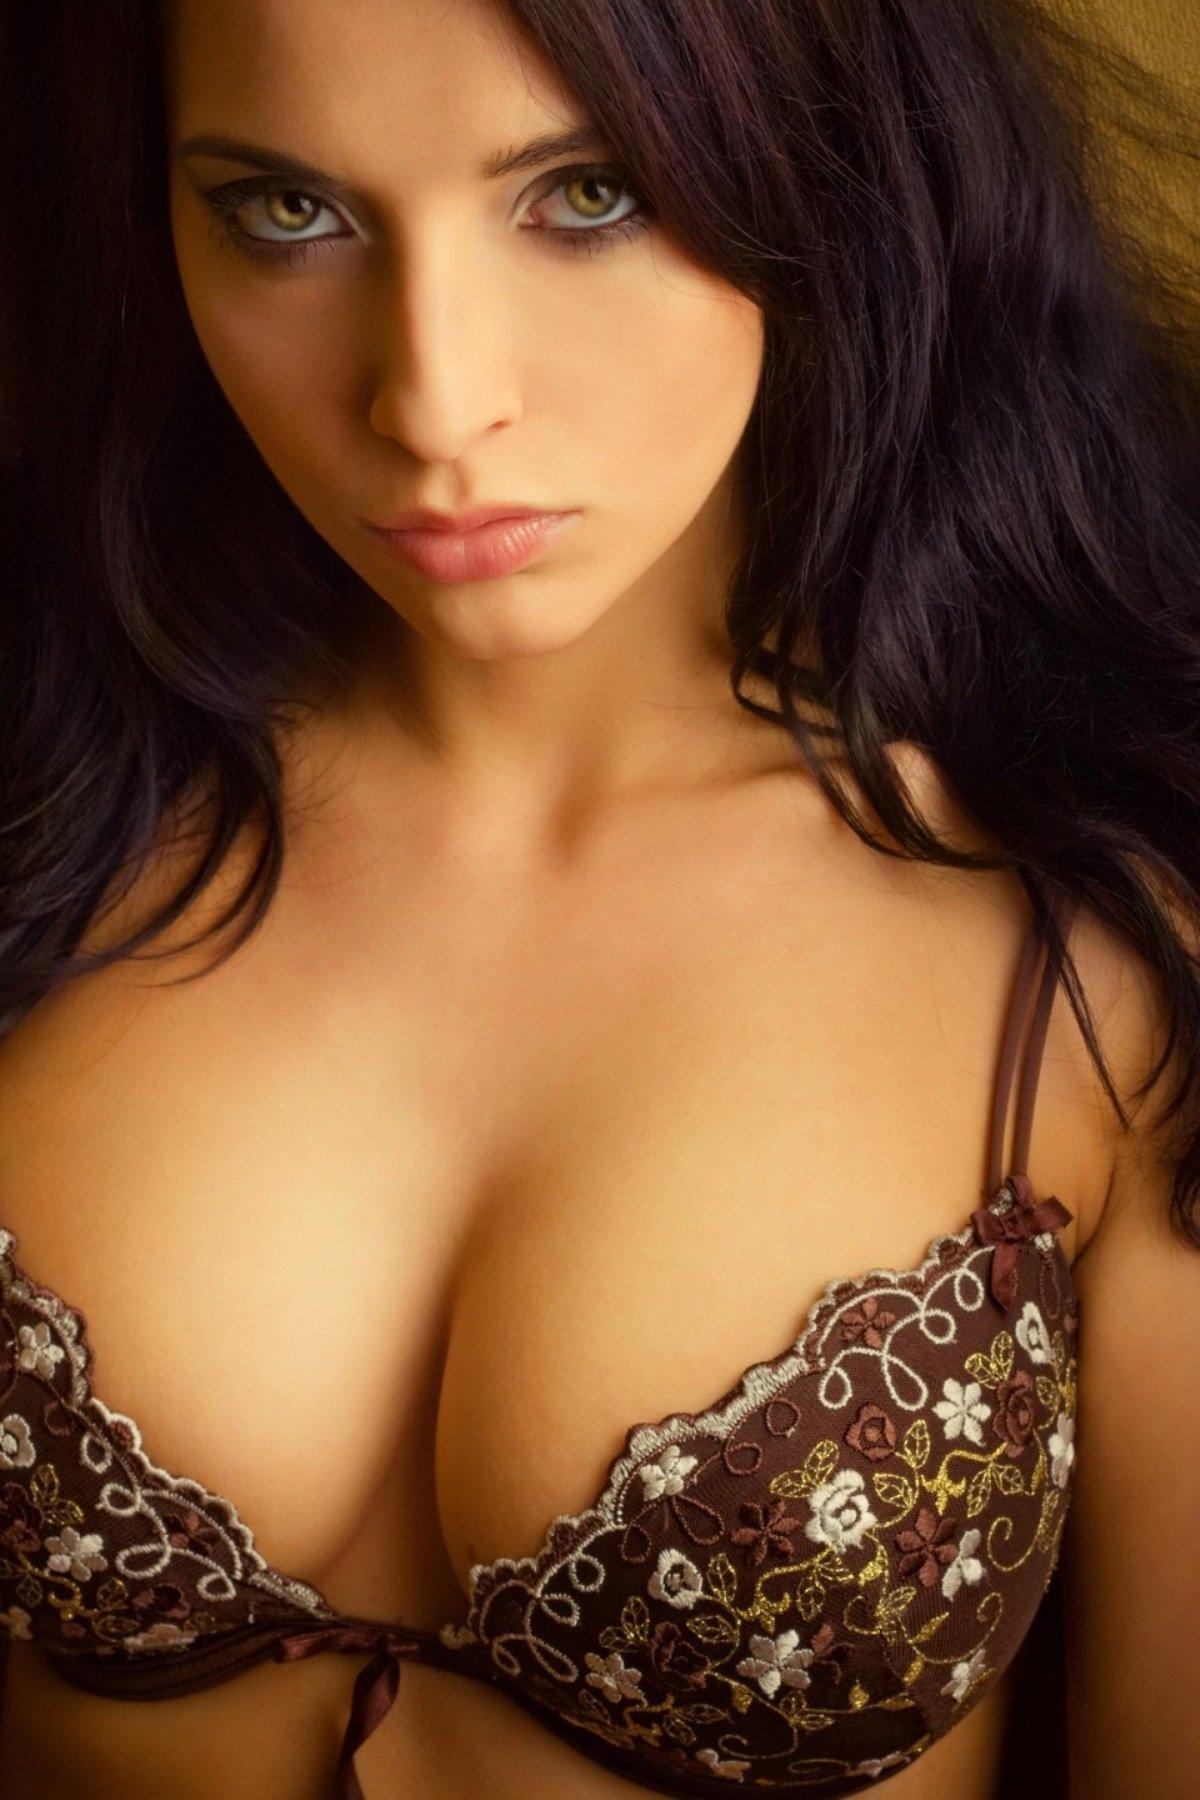 desi-beautiful-breasts-girls-girls-nude